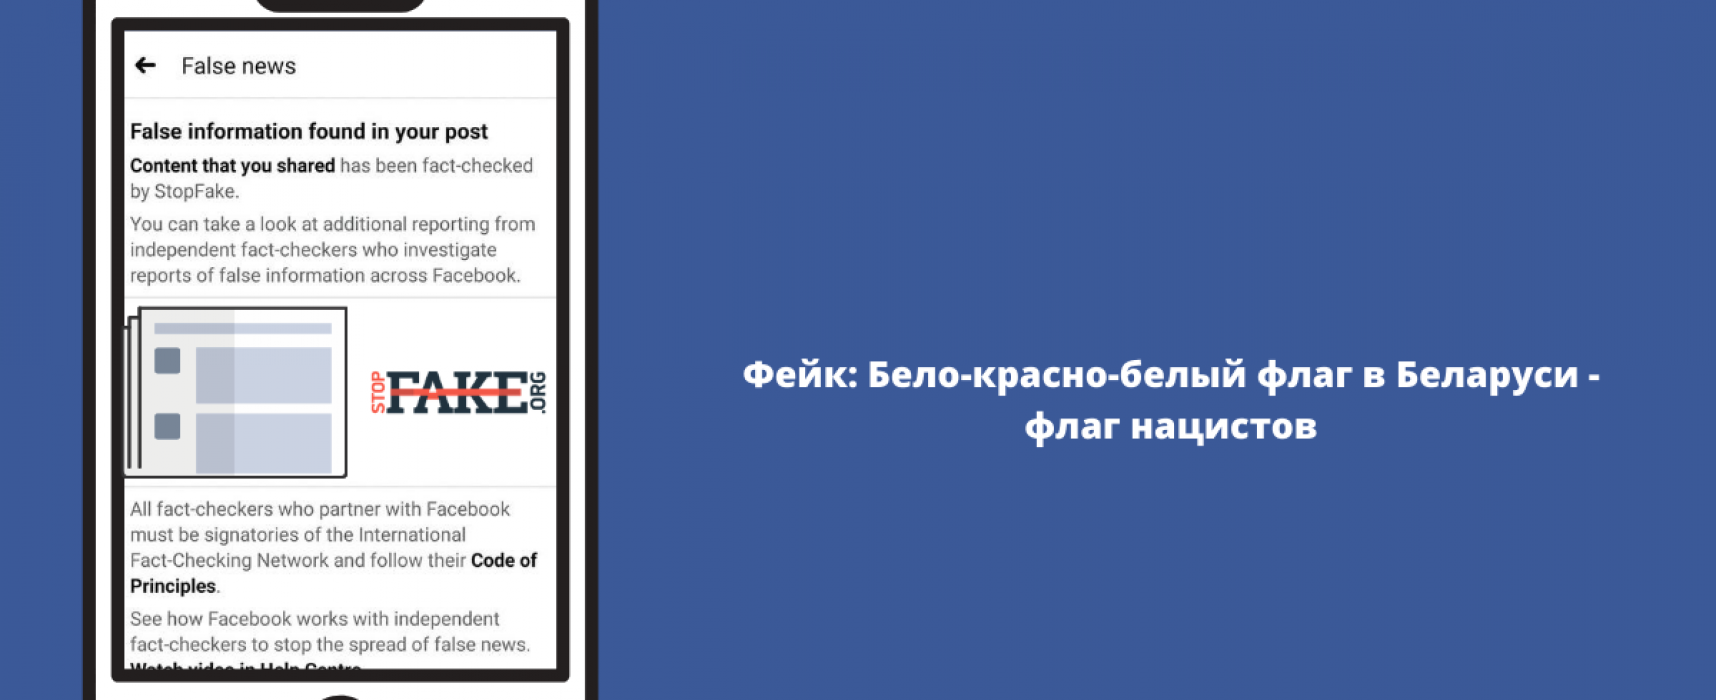 Fake: Červeno-bílá vlajka v Bělorusku je vlajkou nacistů